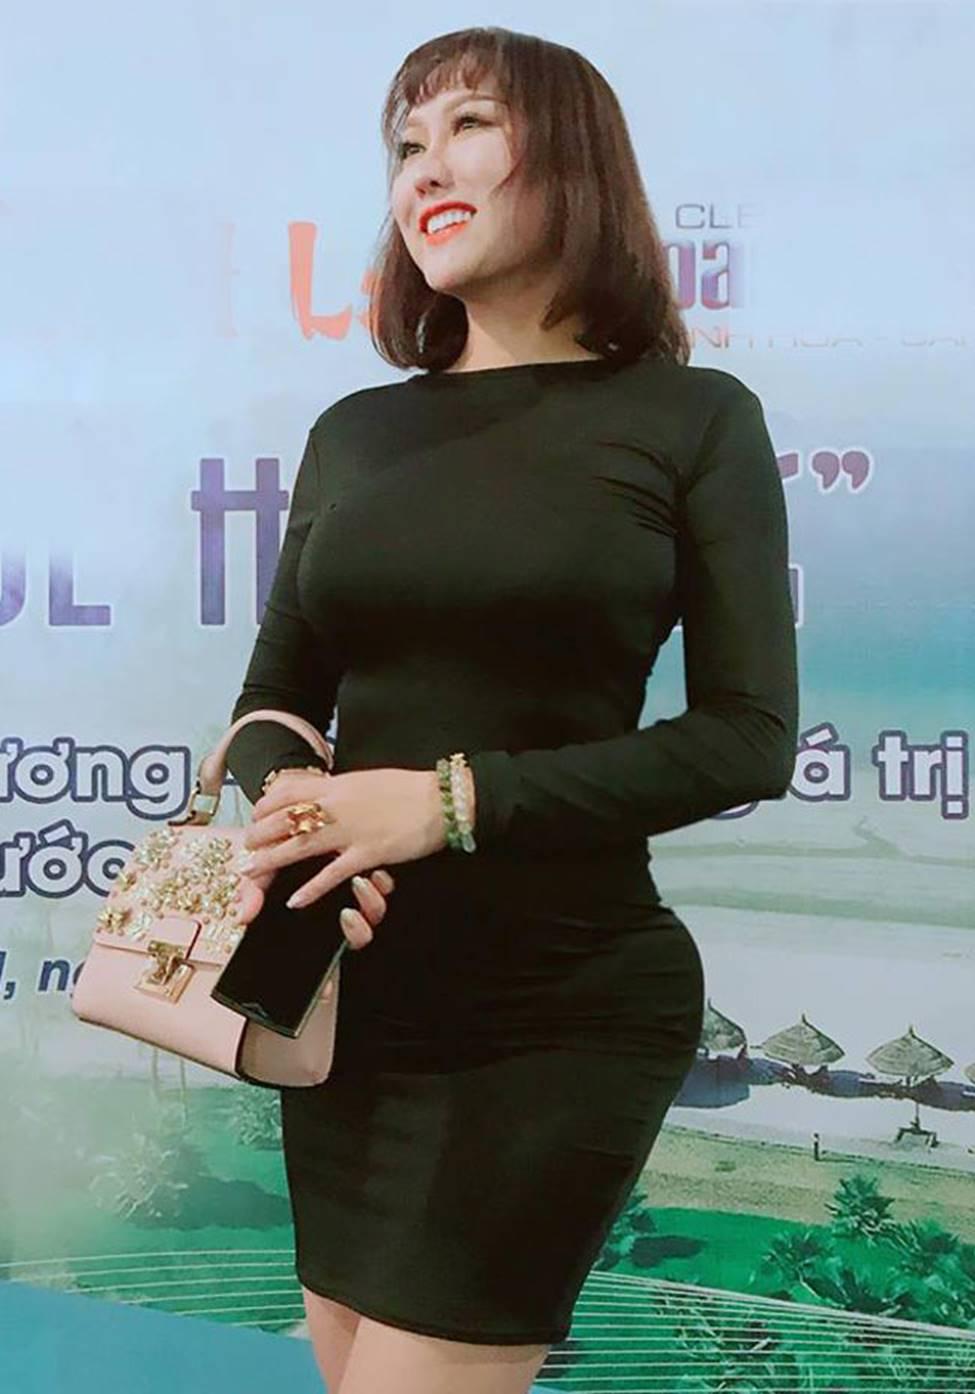 Mai Phương Thúy, Phi Thanh Vân lộ mỡ vì quần áo gợi cảm nhưng phản chủ-5